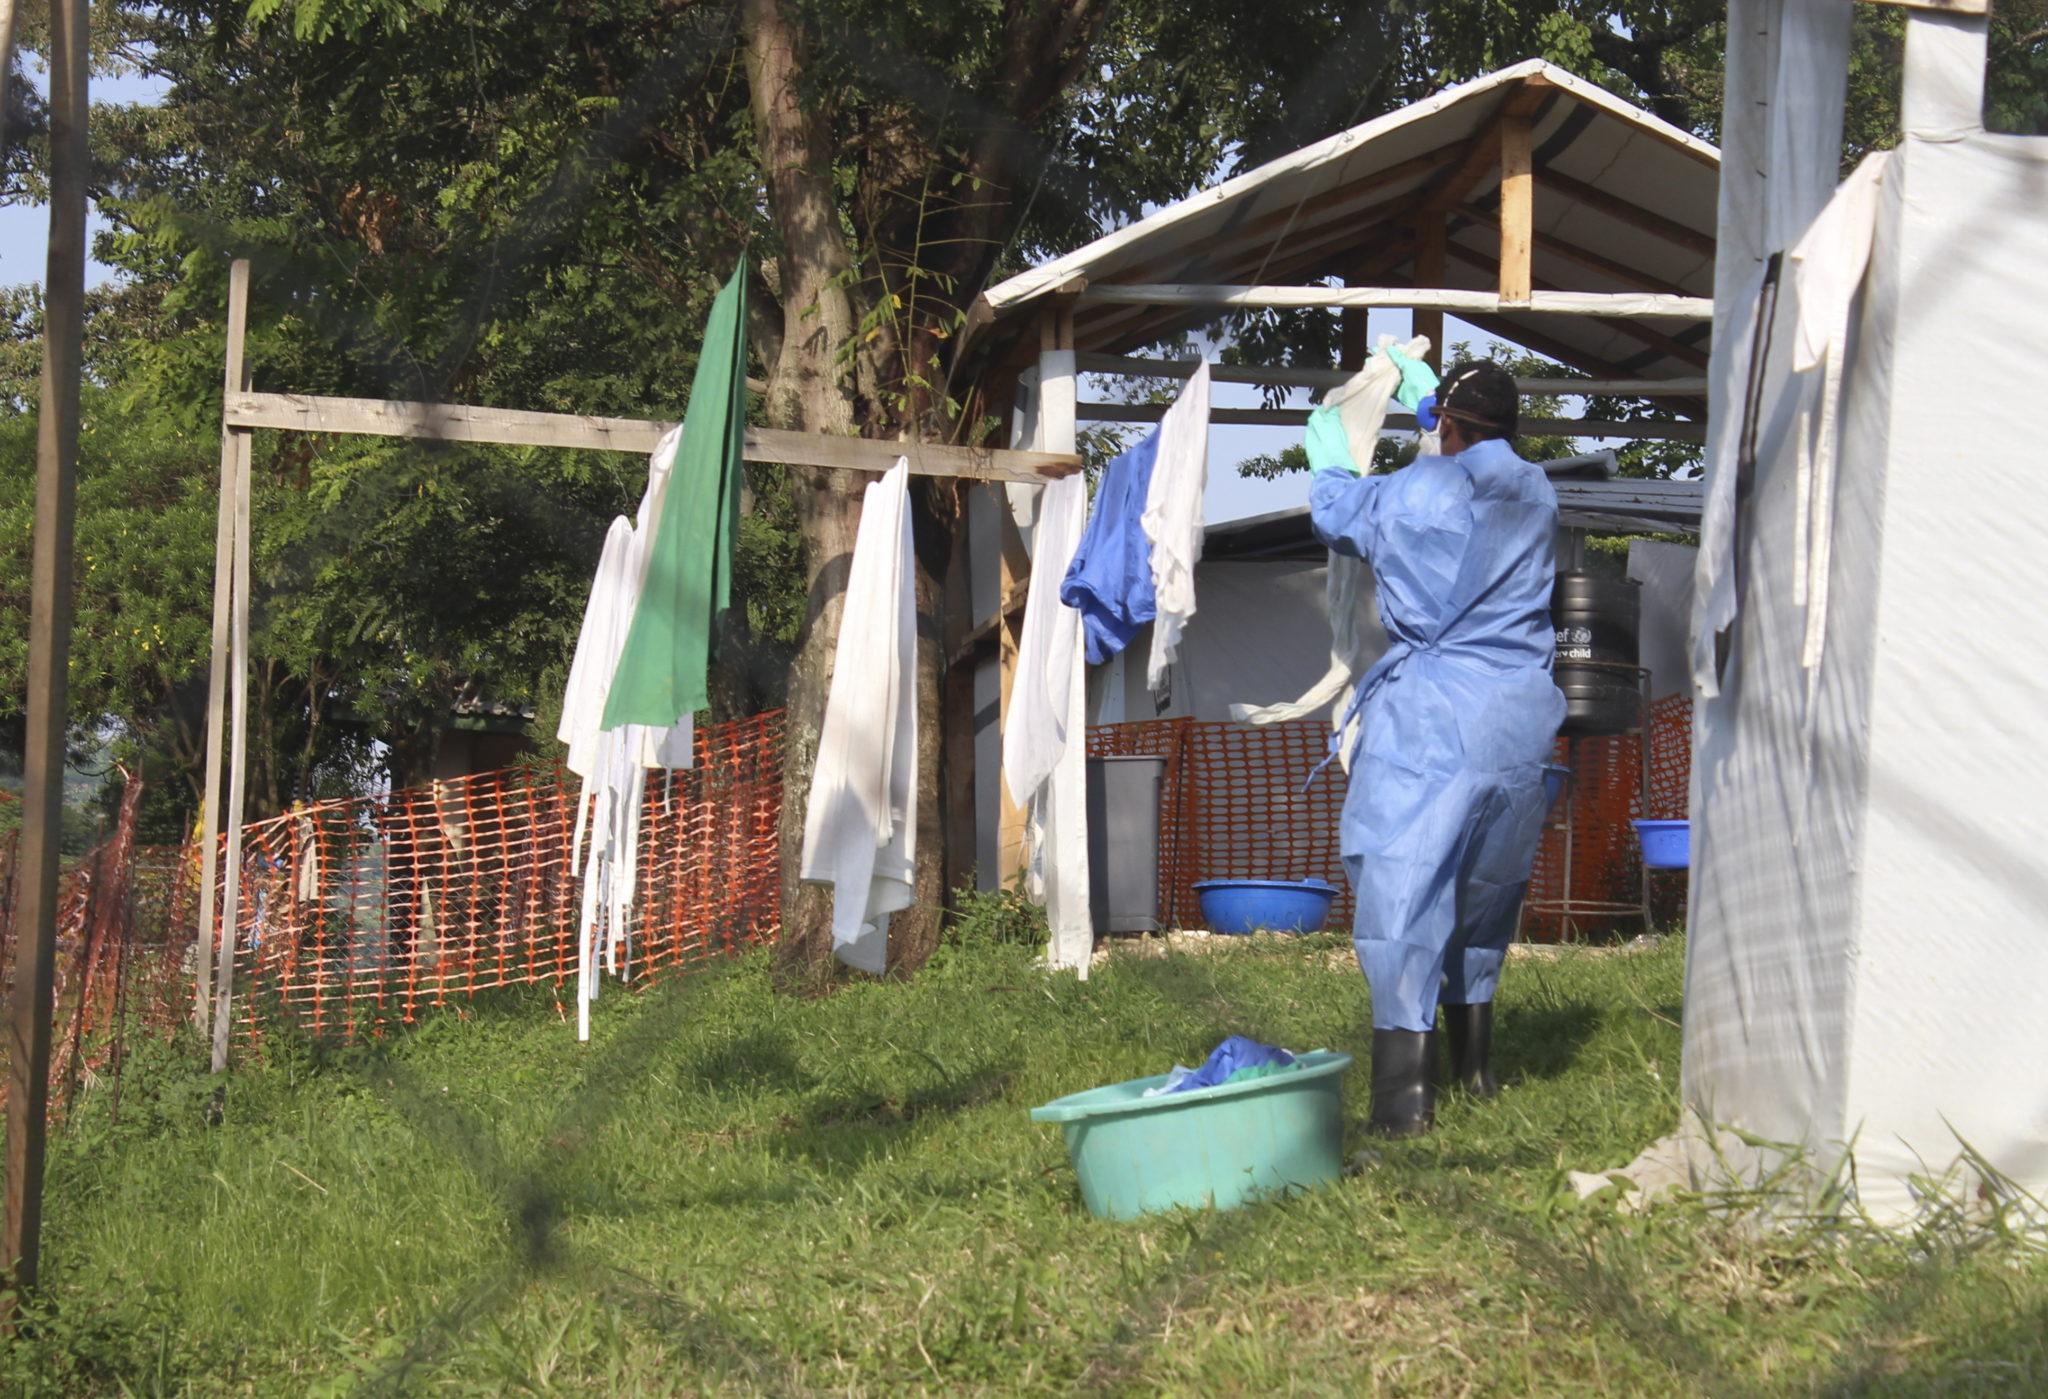 Pracownik służby zdrowia wiesza ubrania po wypraniu ich w jednostce izolacji w Szpitalu w Bwera, granicznym miasteczku w pobliżu Demokratycznej Republiki Konga w zachodniej Ugandzie, fot. MELANIE ATUREEBE, PAP/EPA